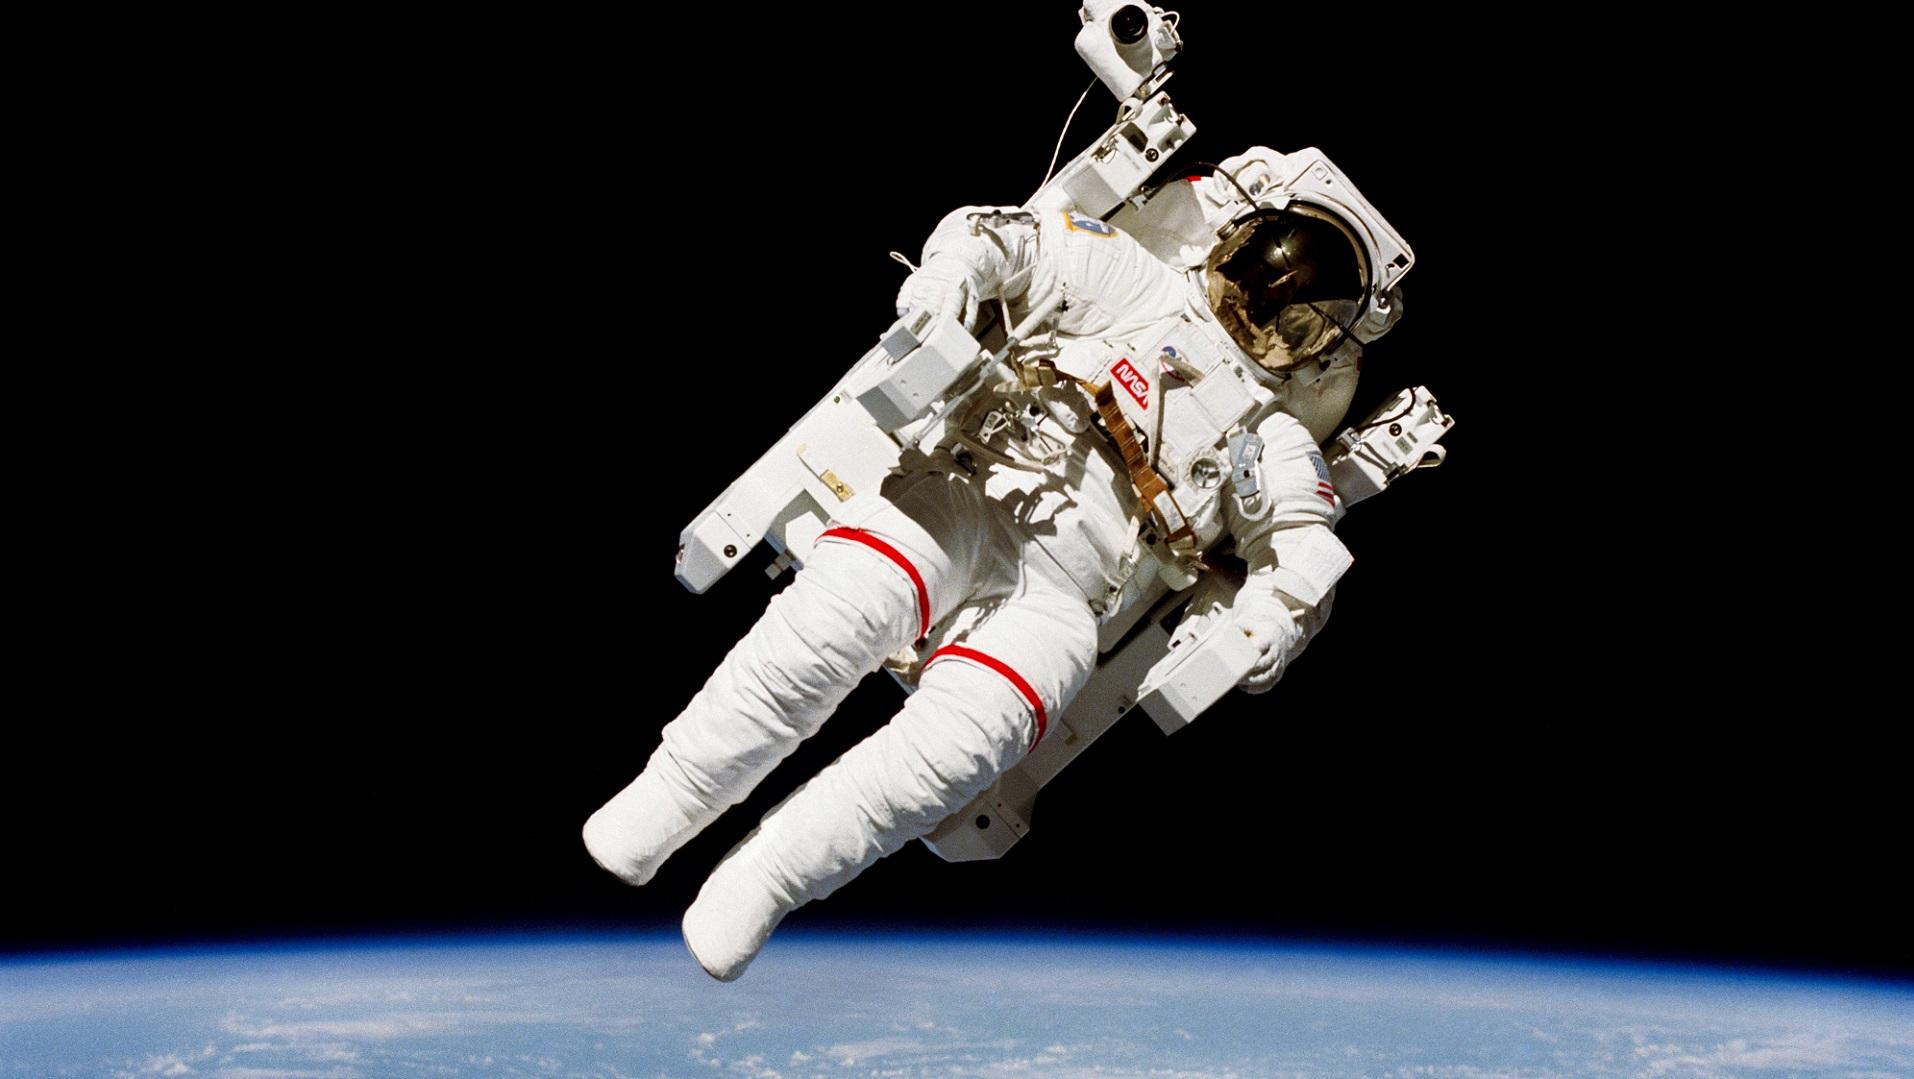 Una visita al catálogo de software de la NASA